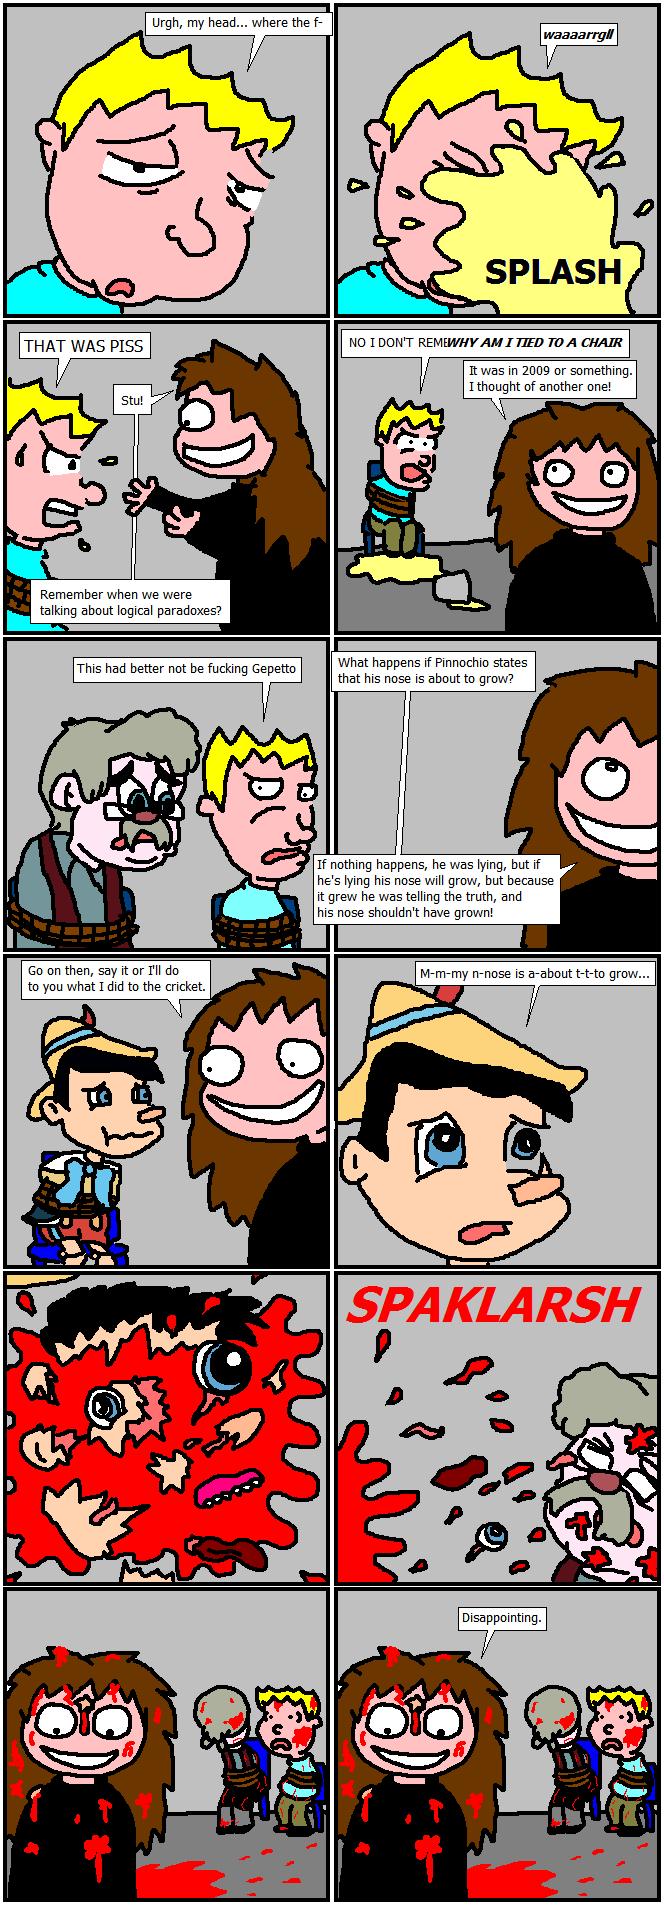 188. Pinocchio